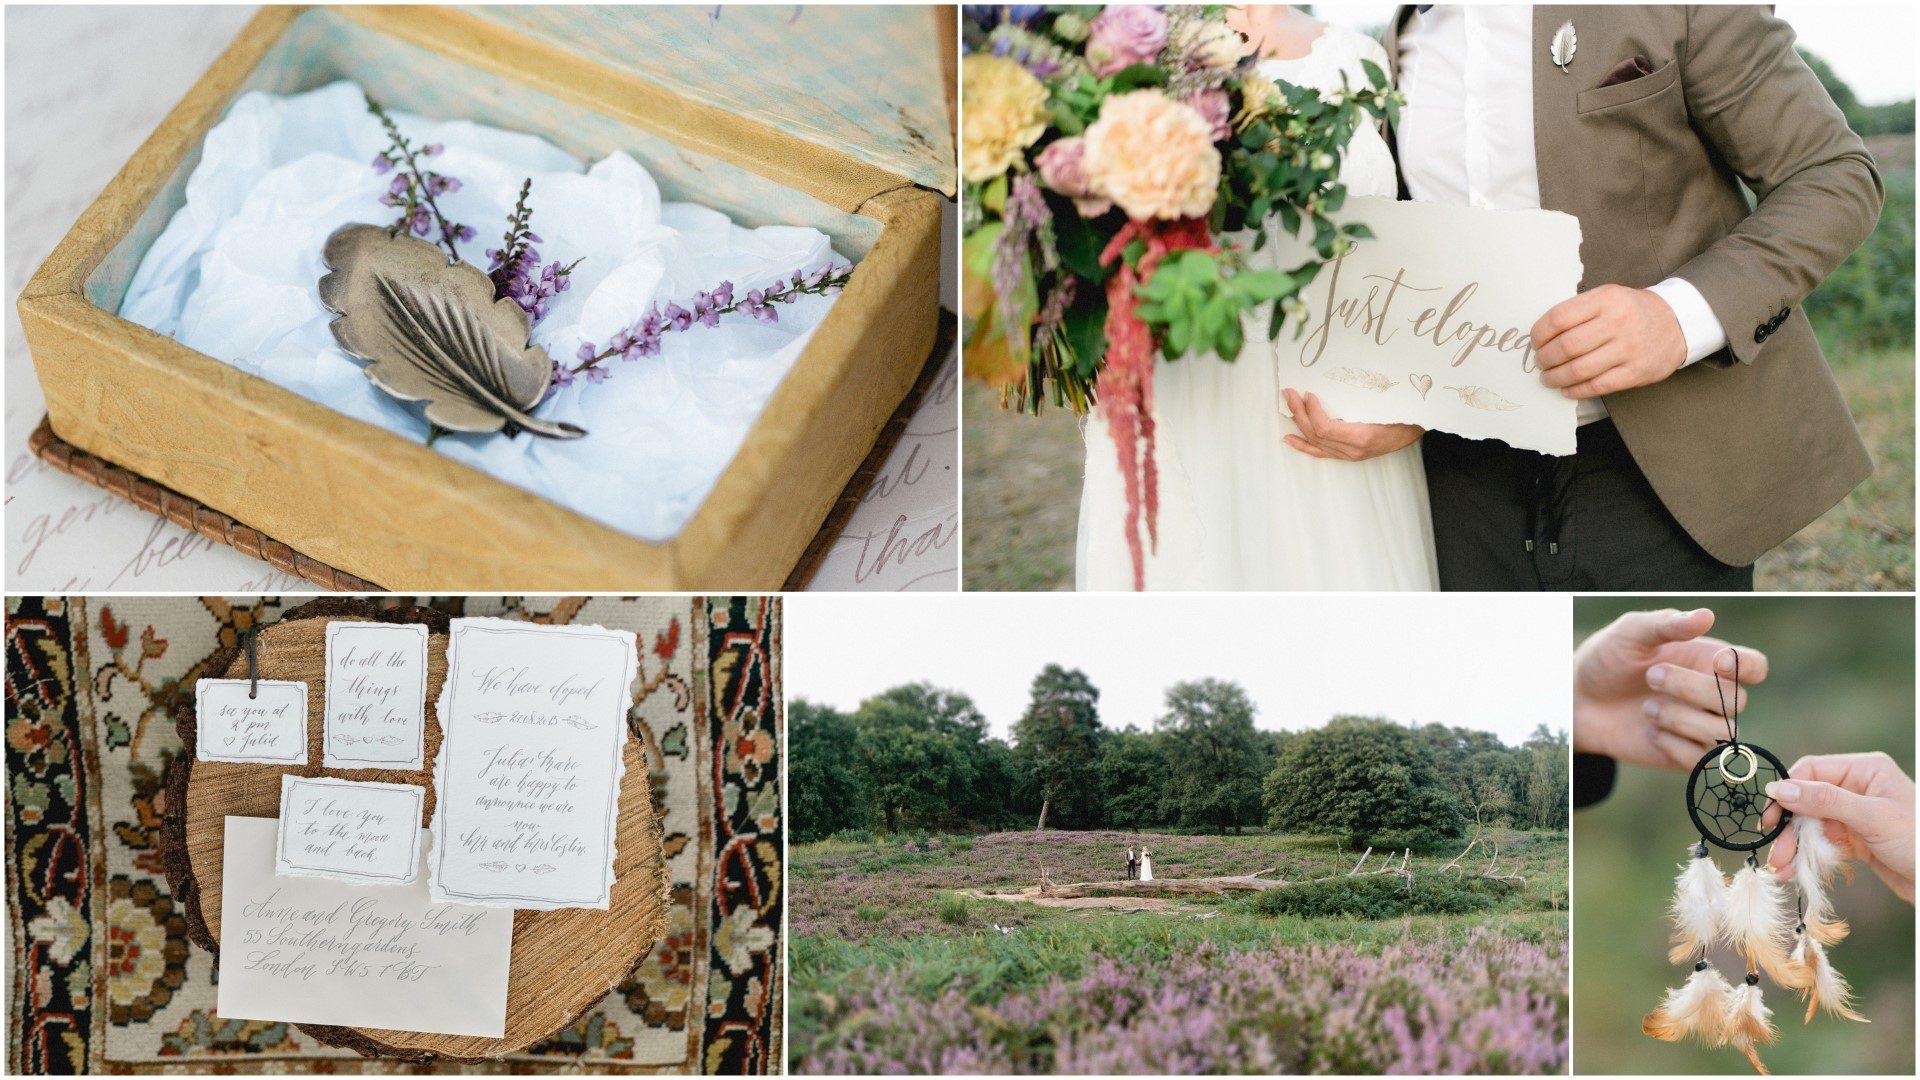 ,inspiráció esküvőre,esküvői inspiráció,dekoráció,esküvői dekoráció,esküvői dekorációk,esküvői dekor,dekor,dekoratőr,esküvői dekoratőr,esküvő,kastély,magyar kastély,kastély esküvő,esküvő kastélyban,